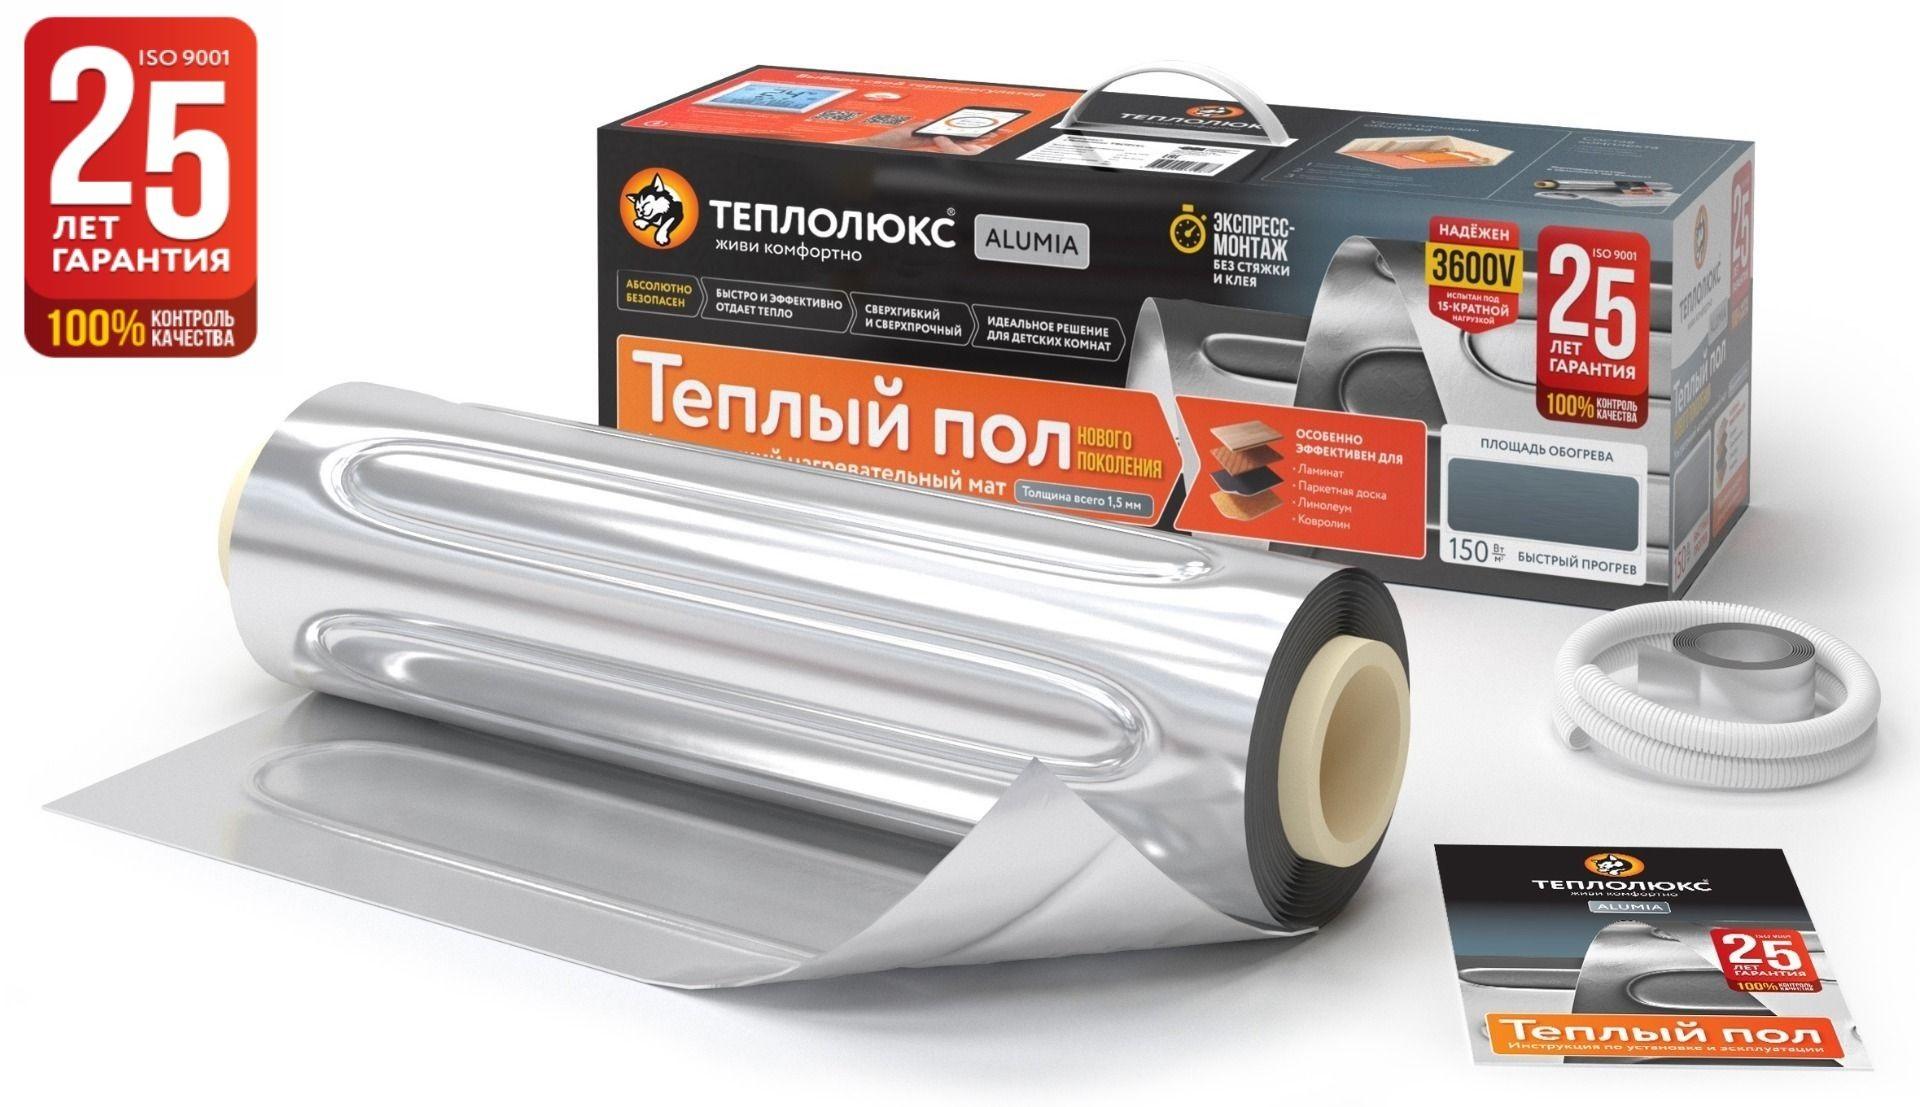 Нагревательный мат Теплолюкс Alumia 1800 Вт/12,0 кв.м 2206818